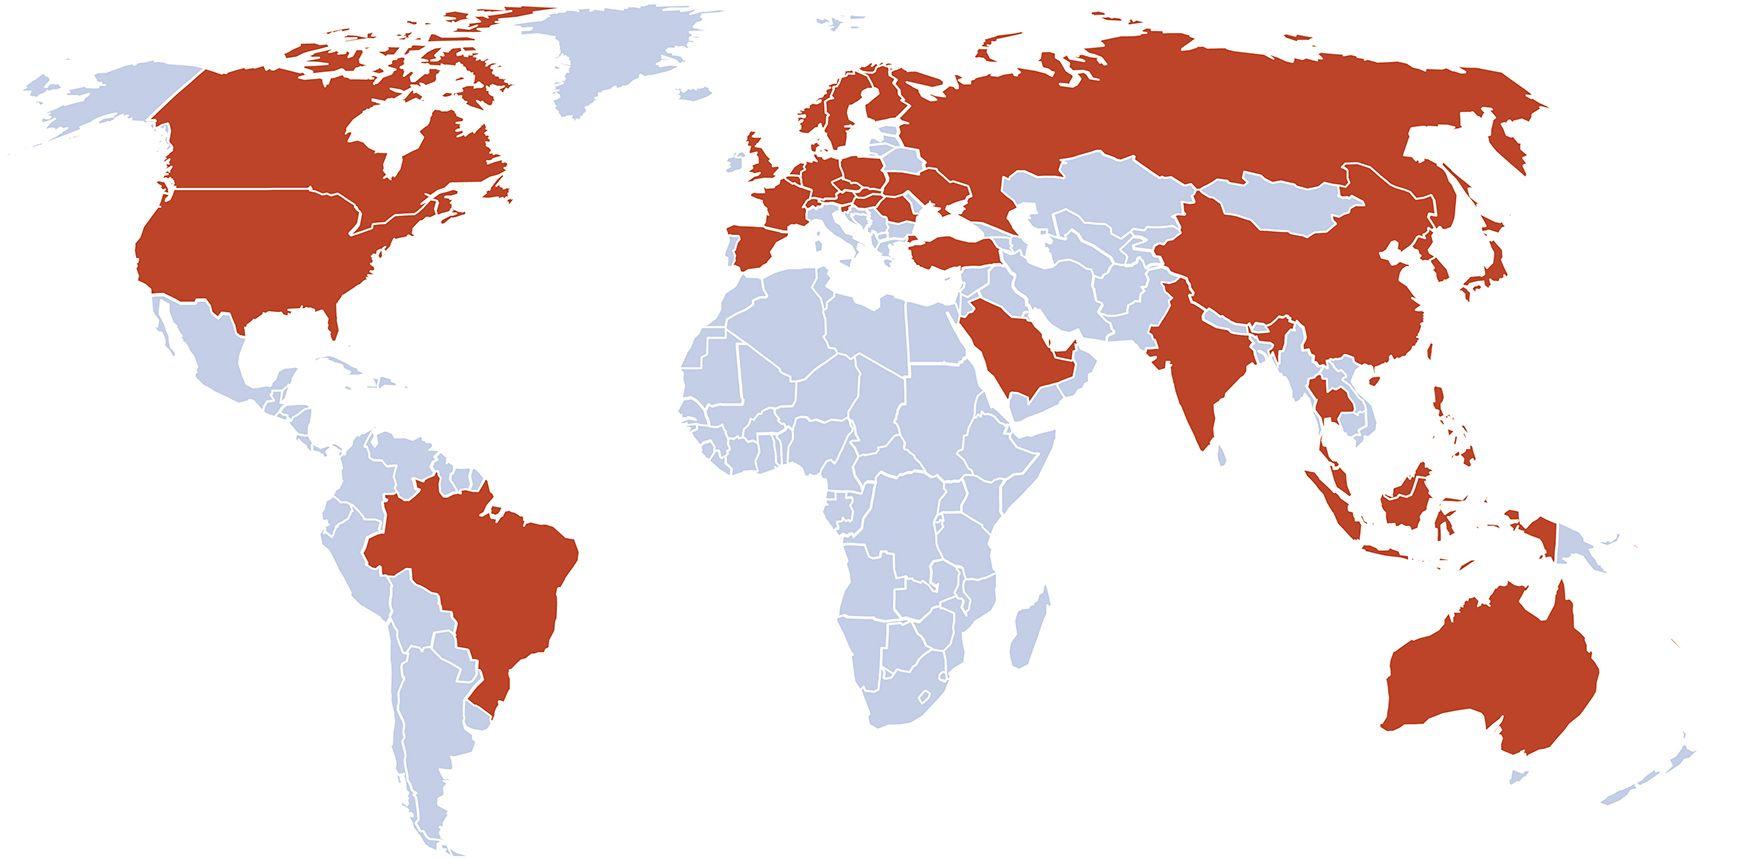 Verdenskart med landene som NTT DATA Business Solutions opererer i